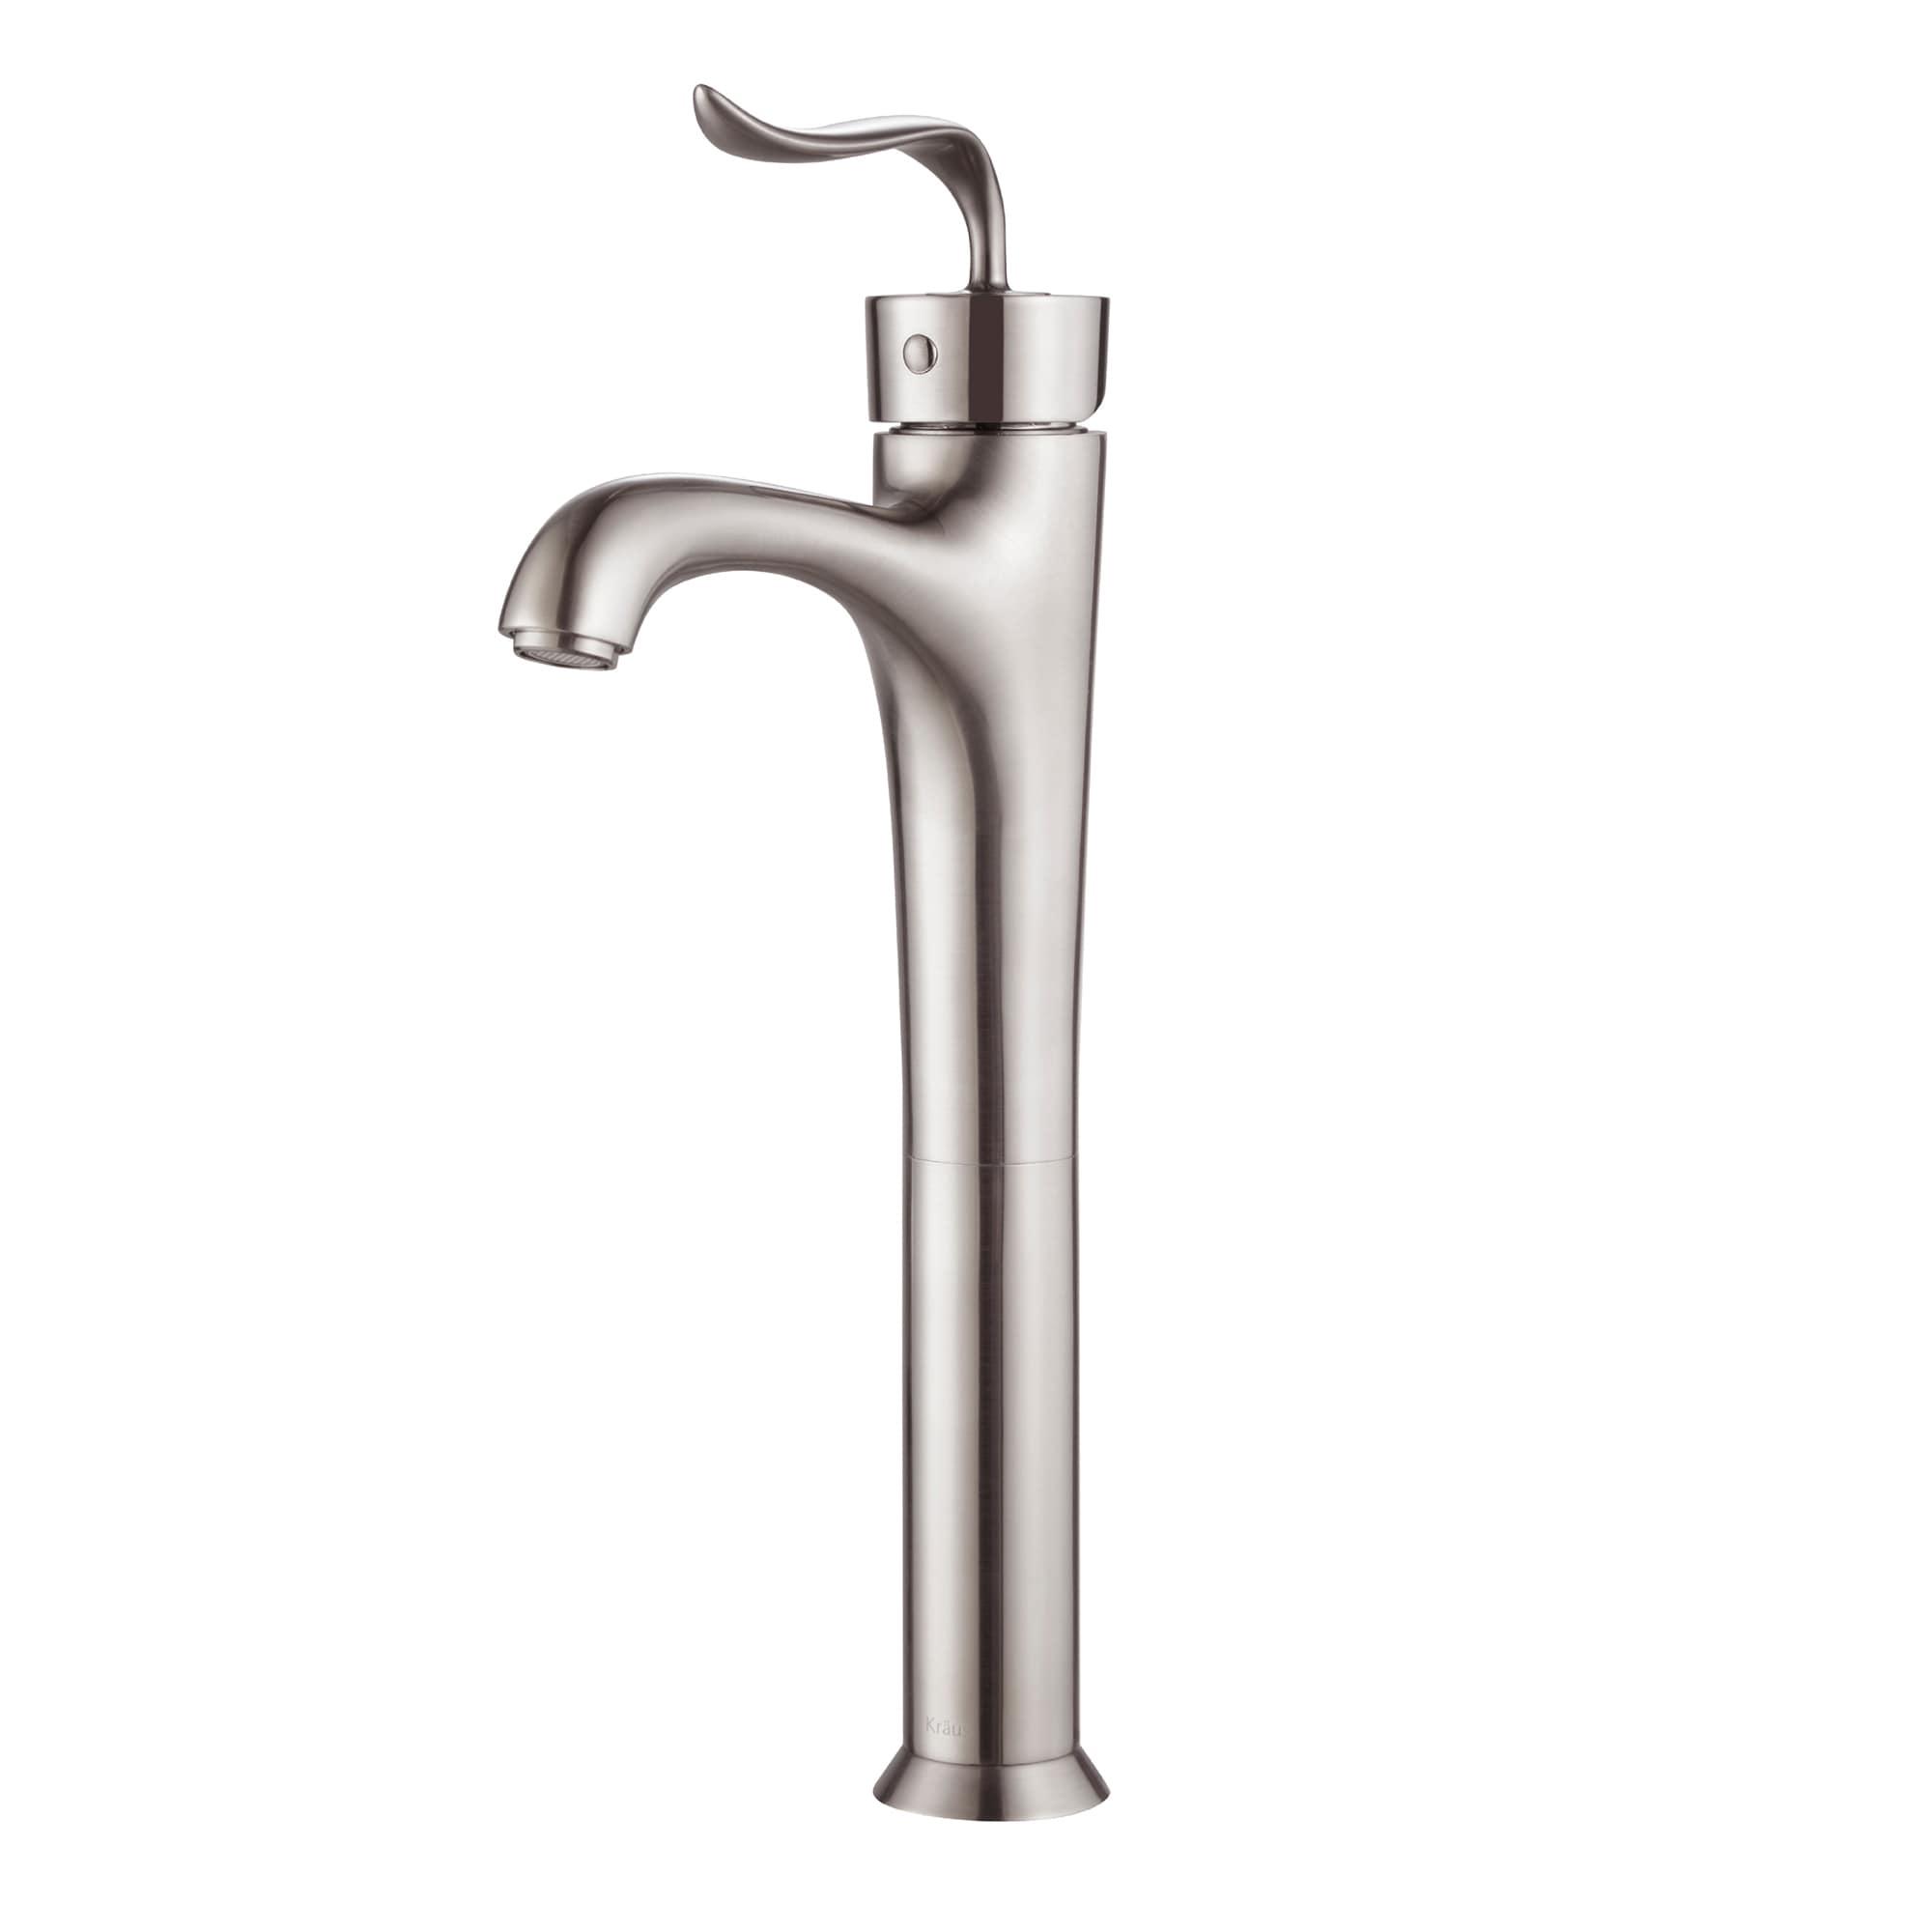 Kraus FVS-13800 Coda Single Hole Single-Handle Bathroom Vessel ...